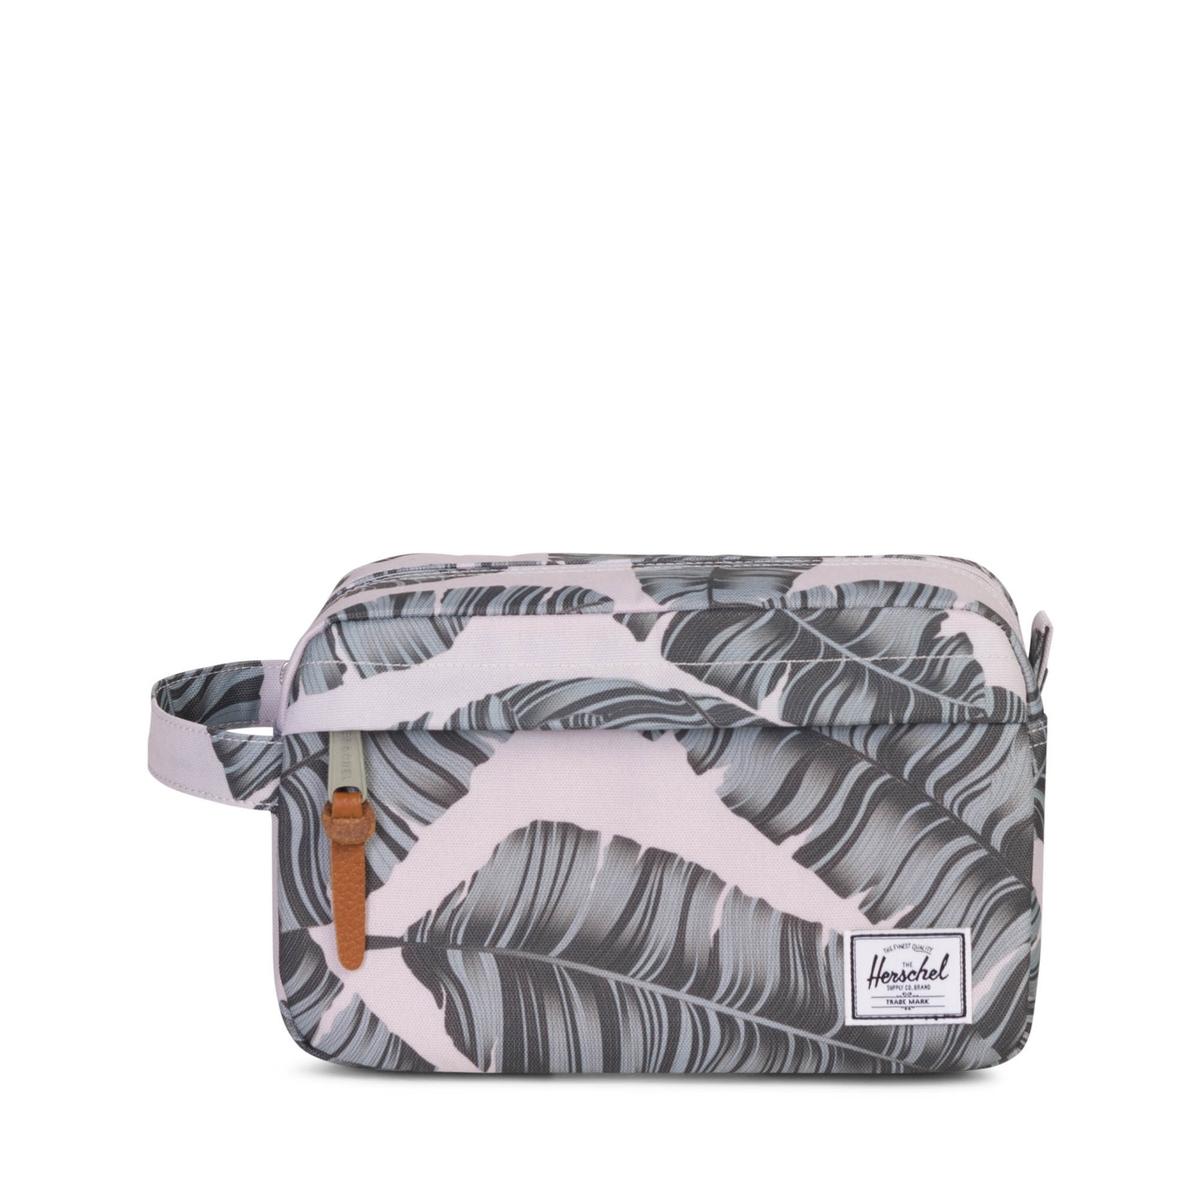 Cумка-клатч на молнии с принтом CHAPTER 5LОписание:Cумка-клатч с принтом HERSCHEL - модель CHAPTER . Застежка на молнию сверху и ручка сбоку . Клатч на молнии с клапаном спереди . Детали изделия•  Сетчатый карман внутри •  Водонепроницаемая застежка на молнию •  Размер : 15,4 x 24,13 x 11,43 см  •  Вместимость 5лСостав и описание •  100% полиэстер •  Следуйте советам по уходу, указанным на этикетке<br><br>Цвет: рисунок листьев